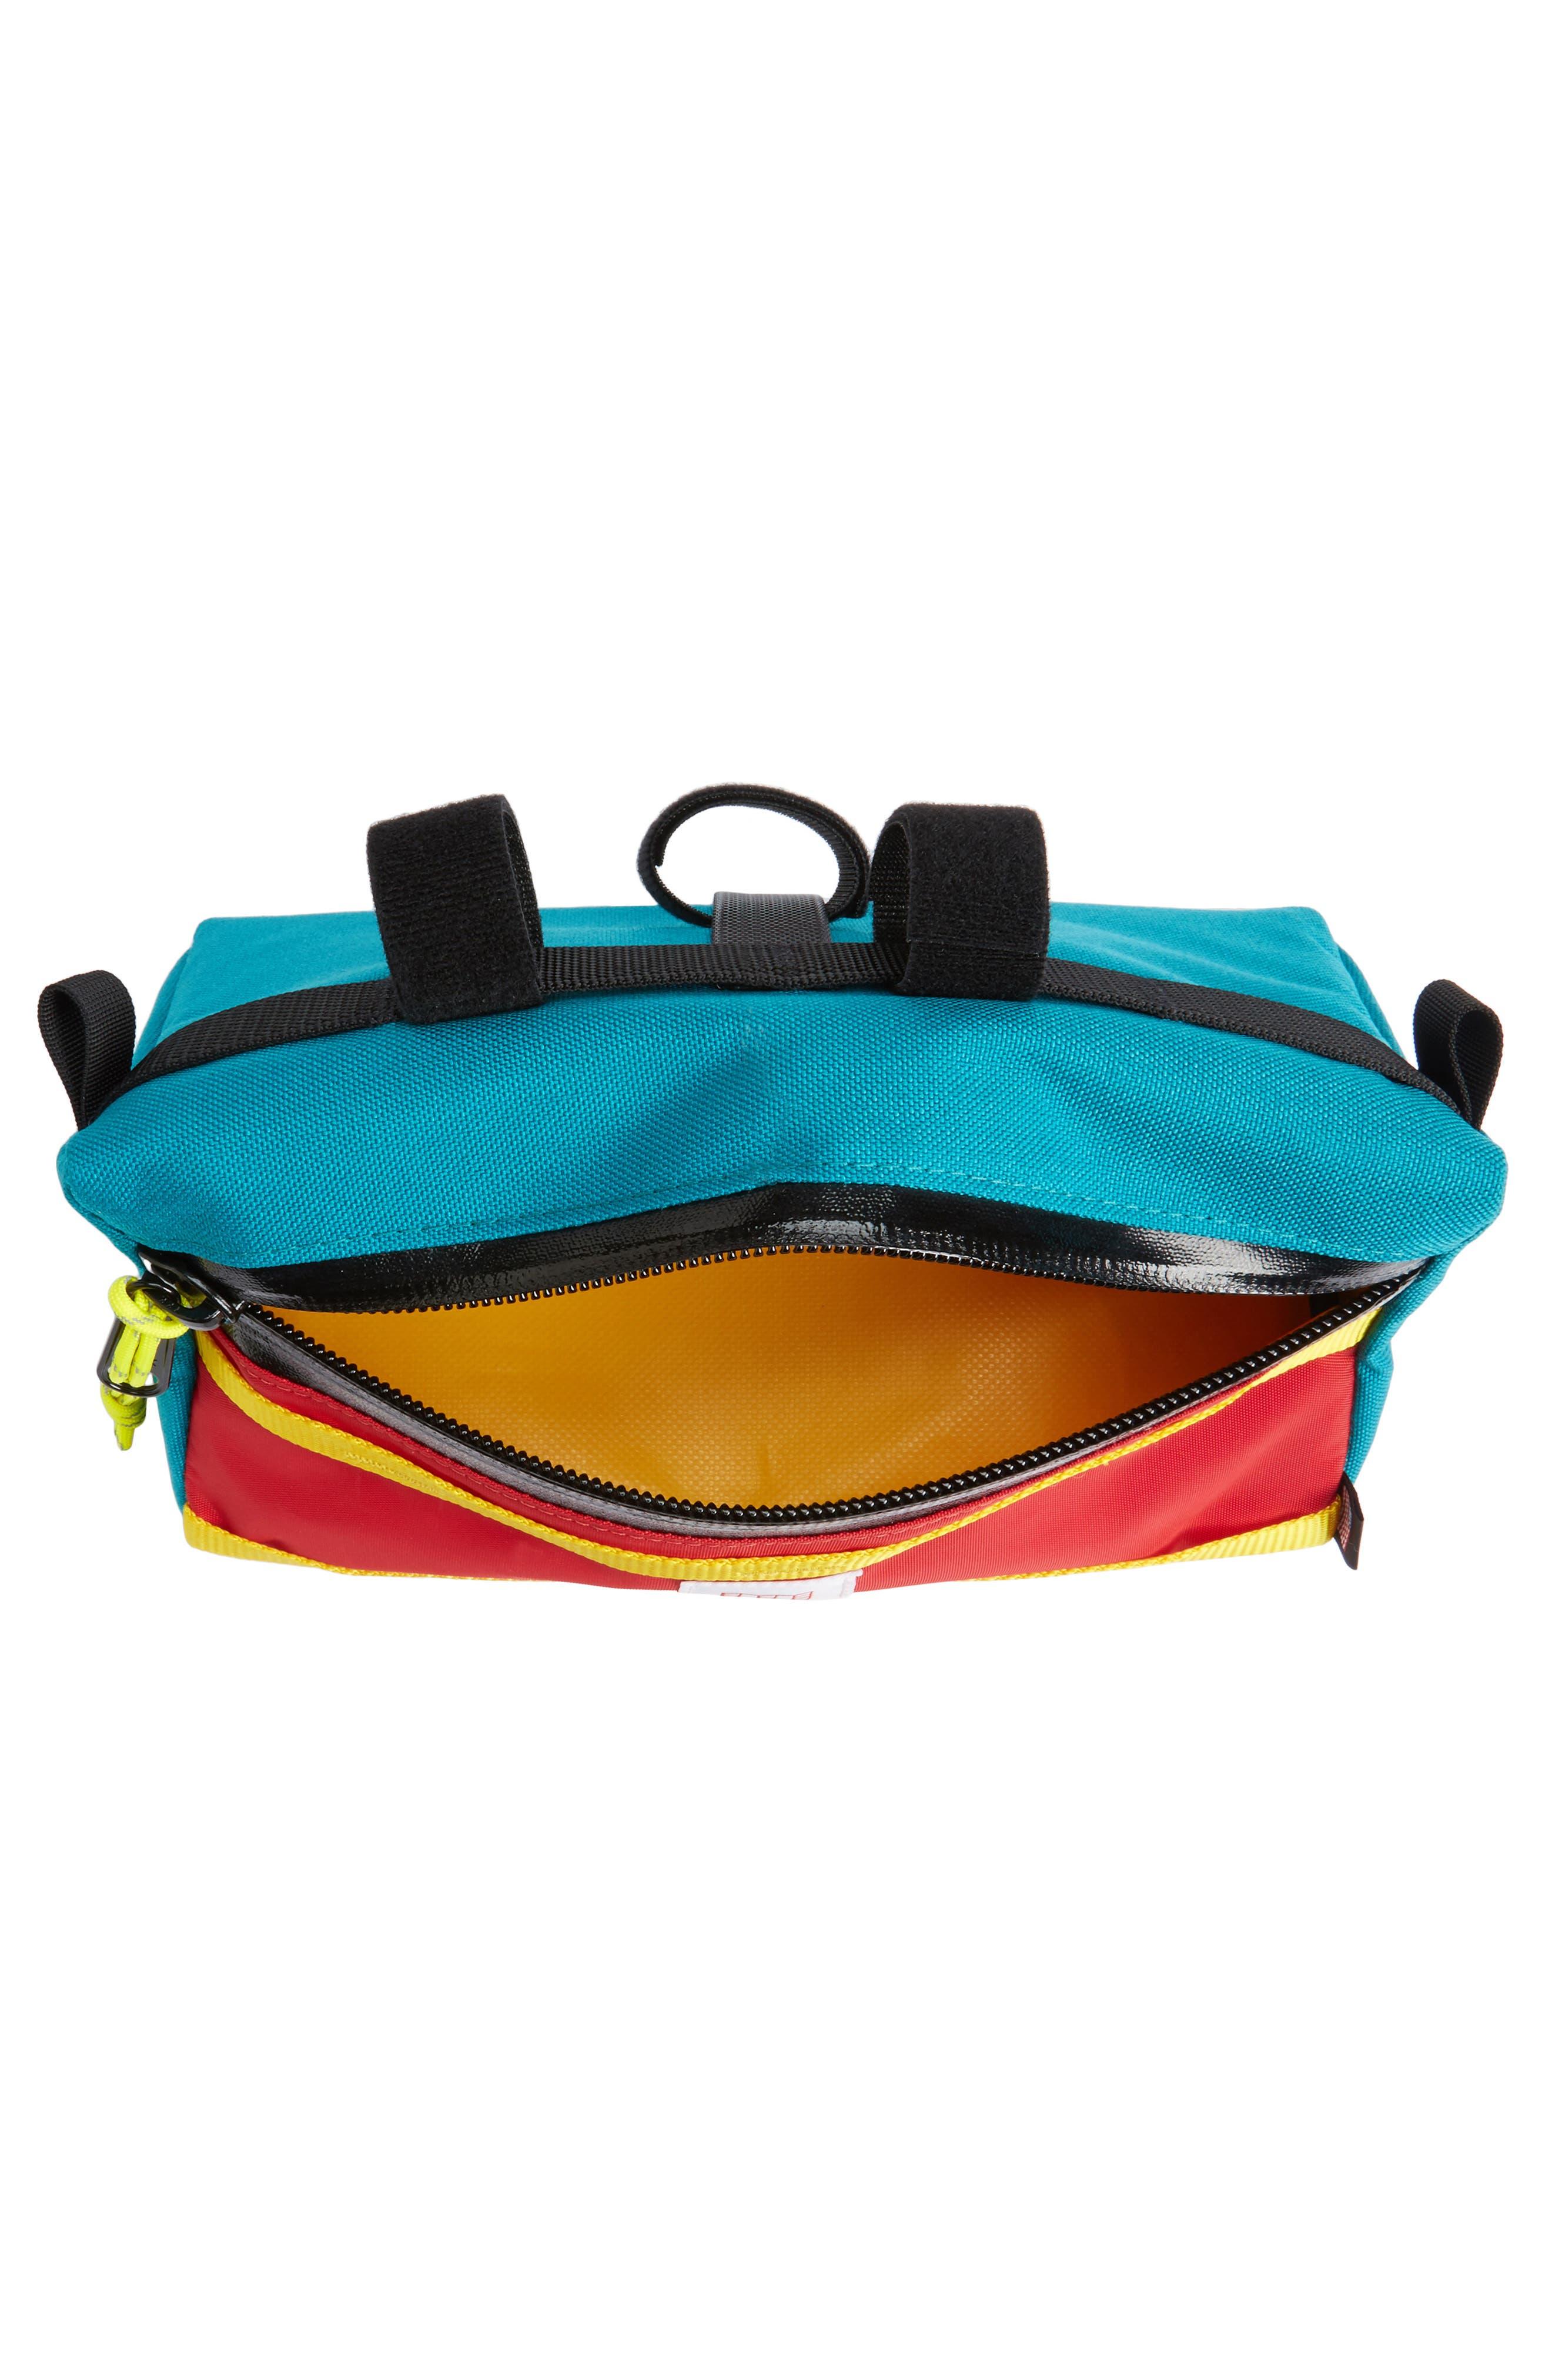 Alternate Image 4  - Topo Designs Bike Bag